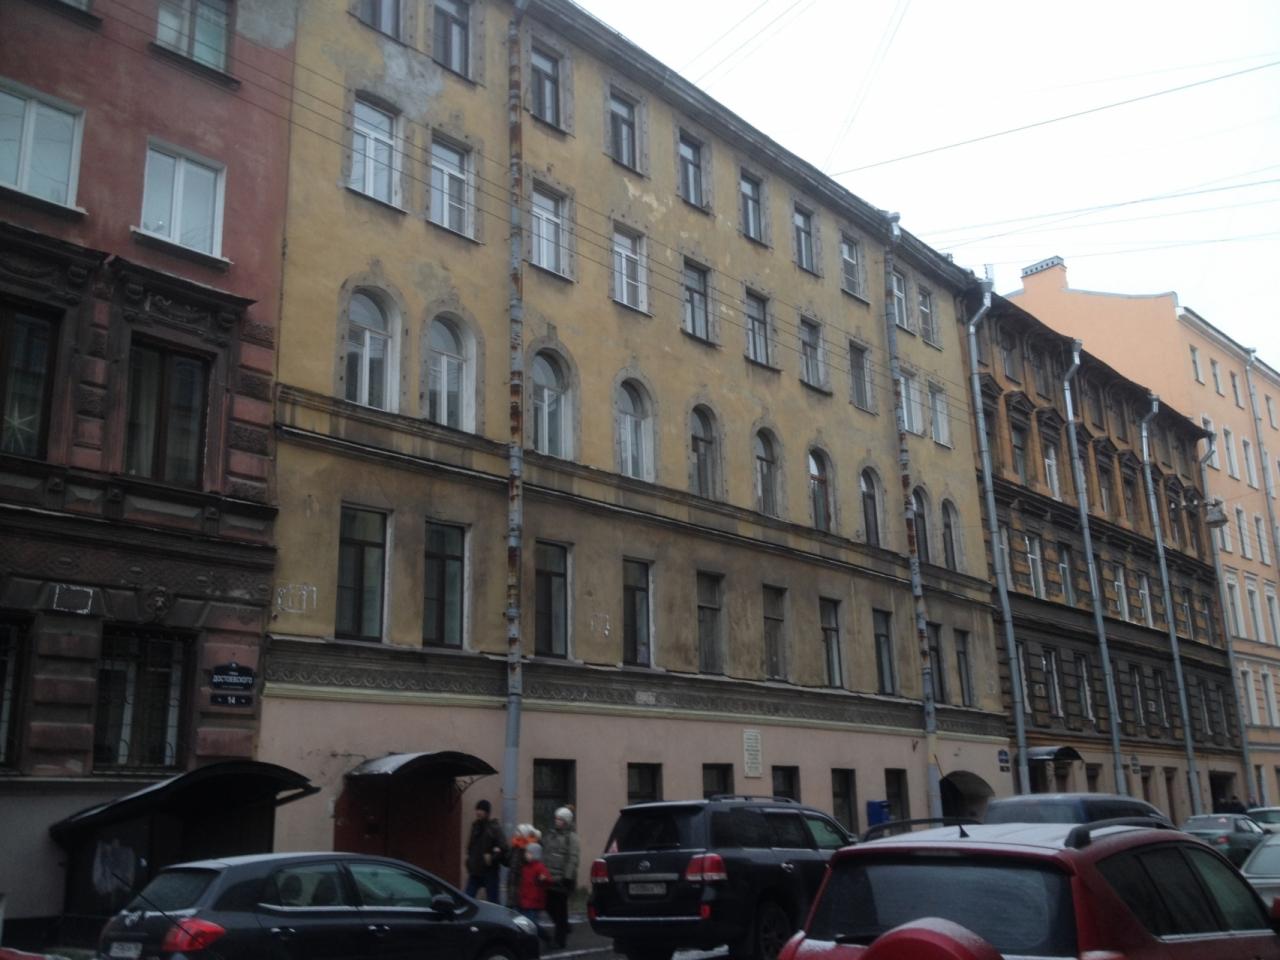 http://gja.pro.bkn.ru/images/s_big/c5ebbd3f-f9d6-11e7-b300-448a5bd44c07.jpg